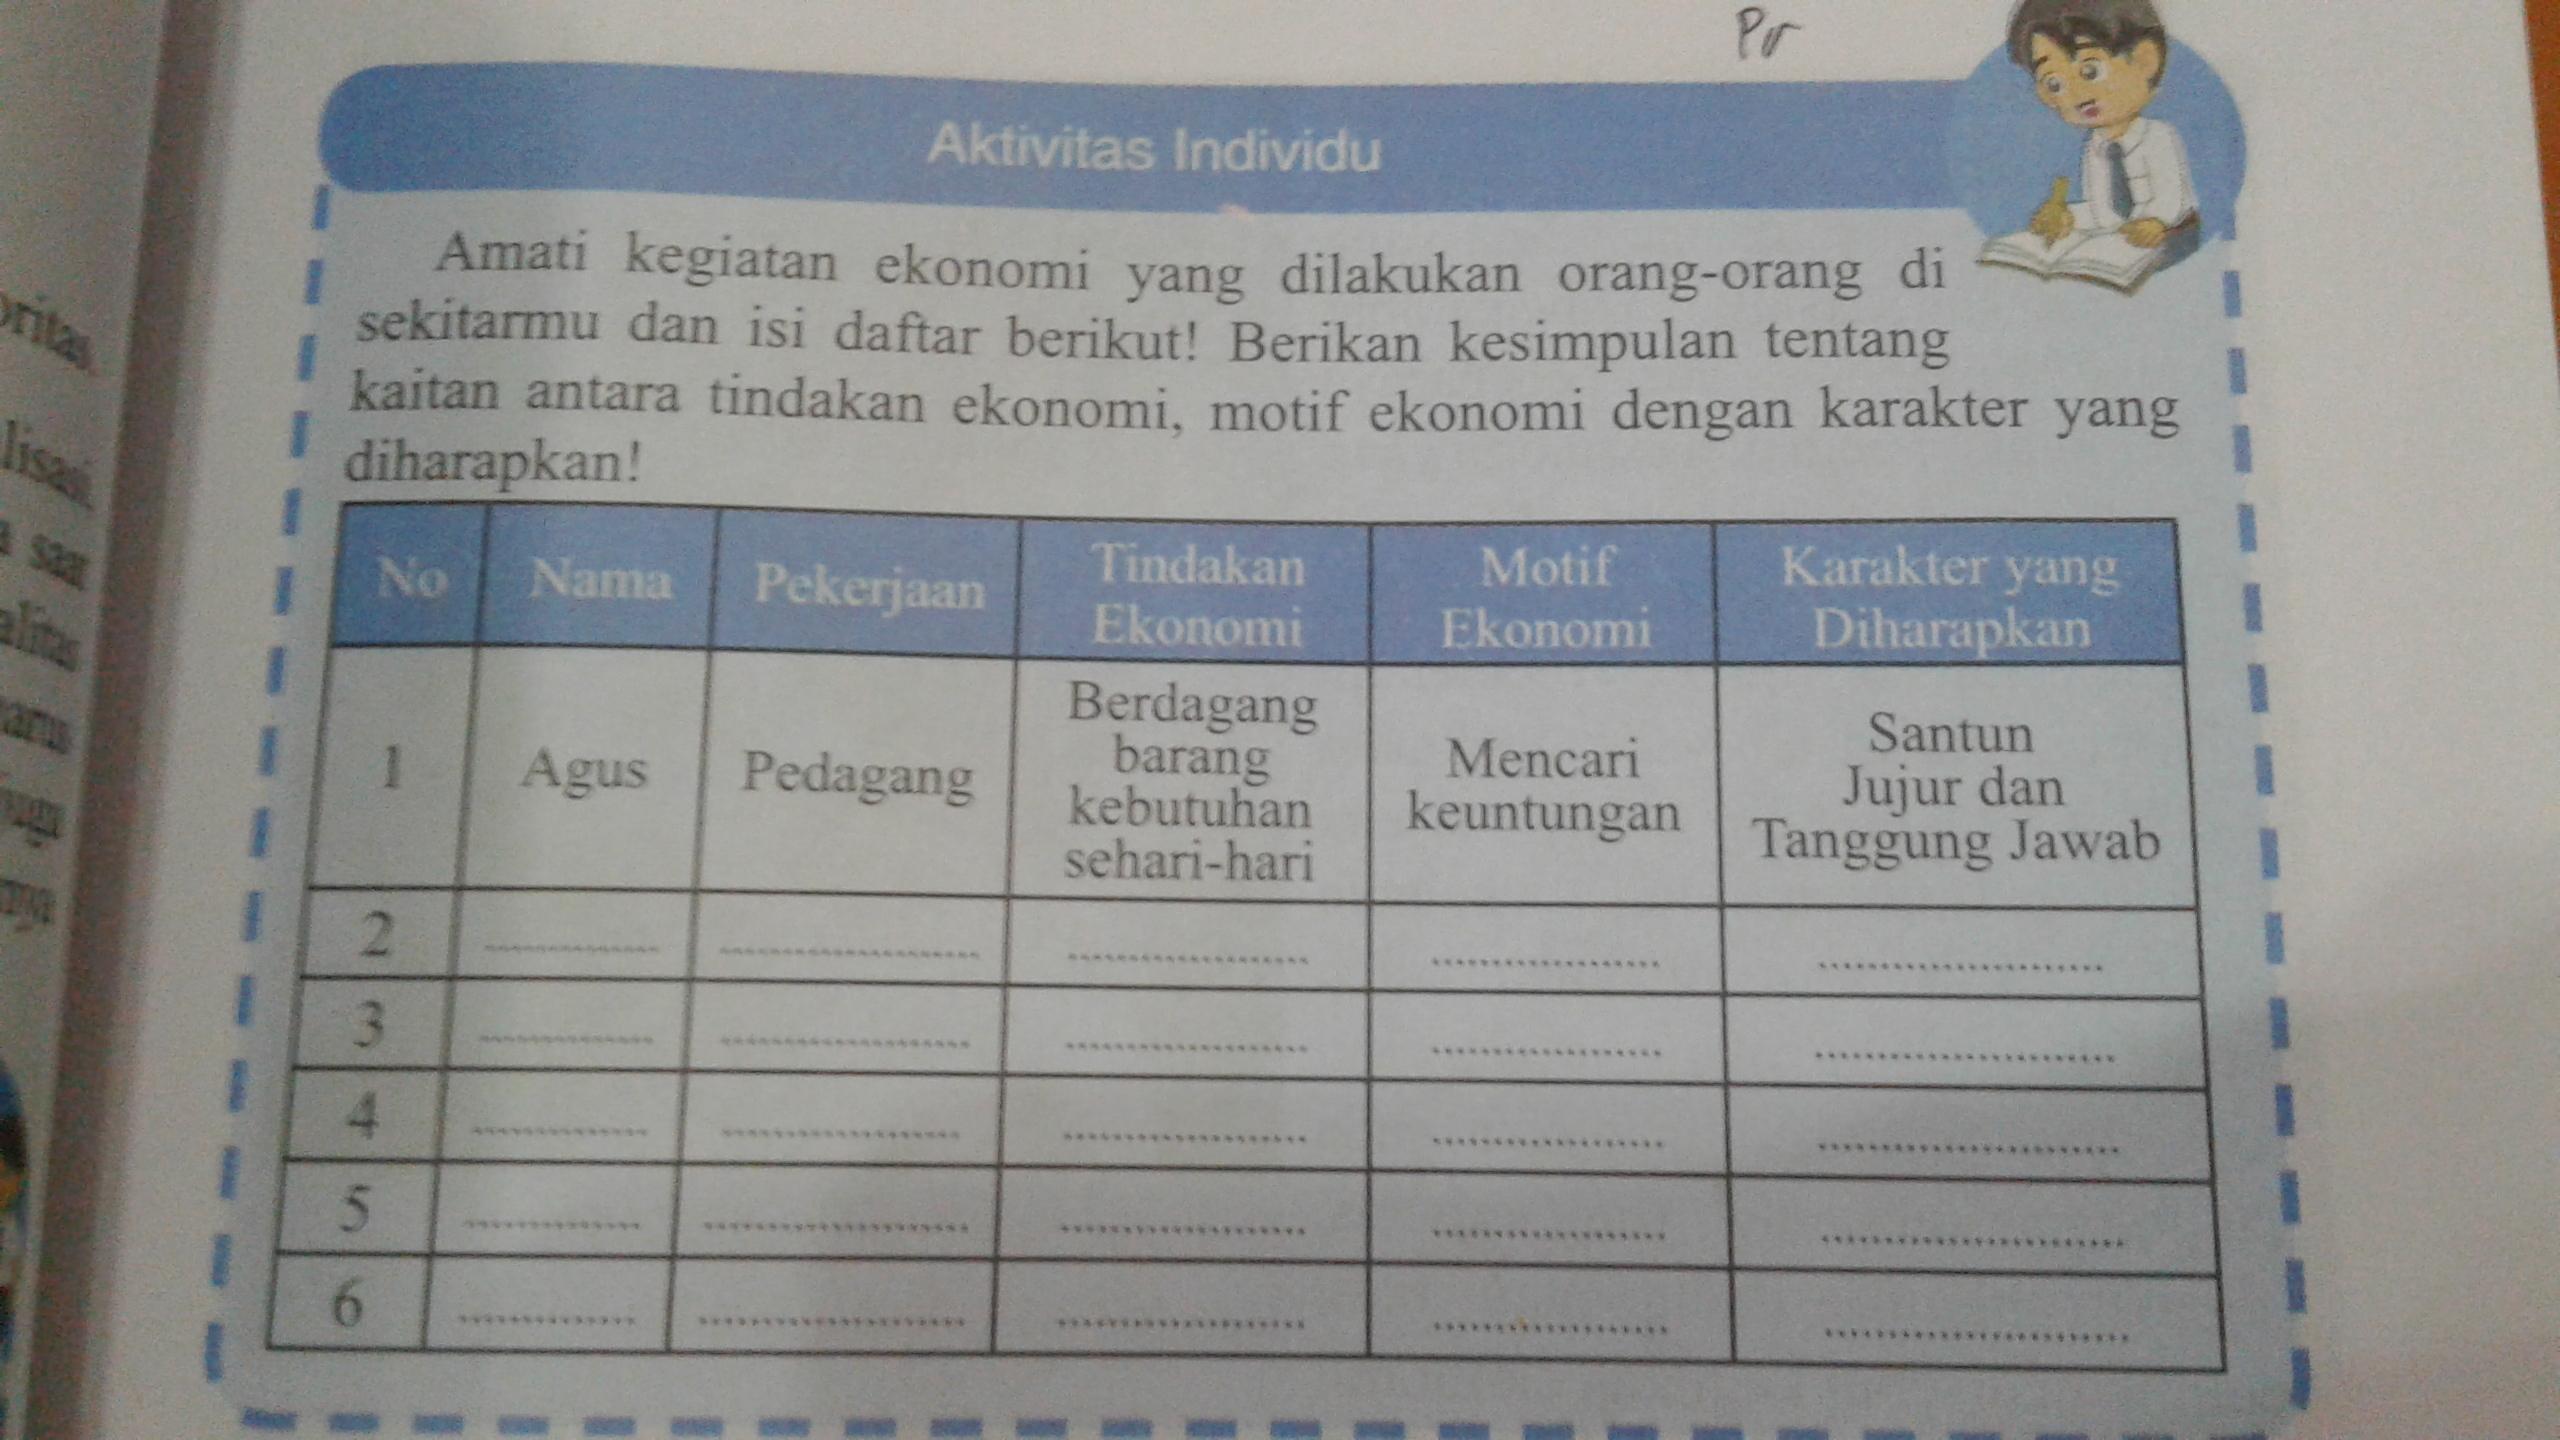 Jawaban Tugas Pkn Kelas 10 Halaman 145 - Guru Ilmu Sosial